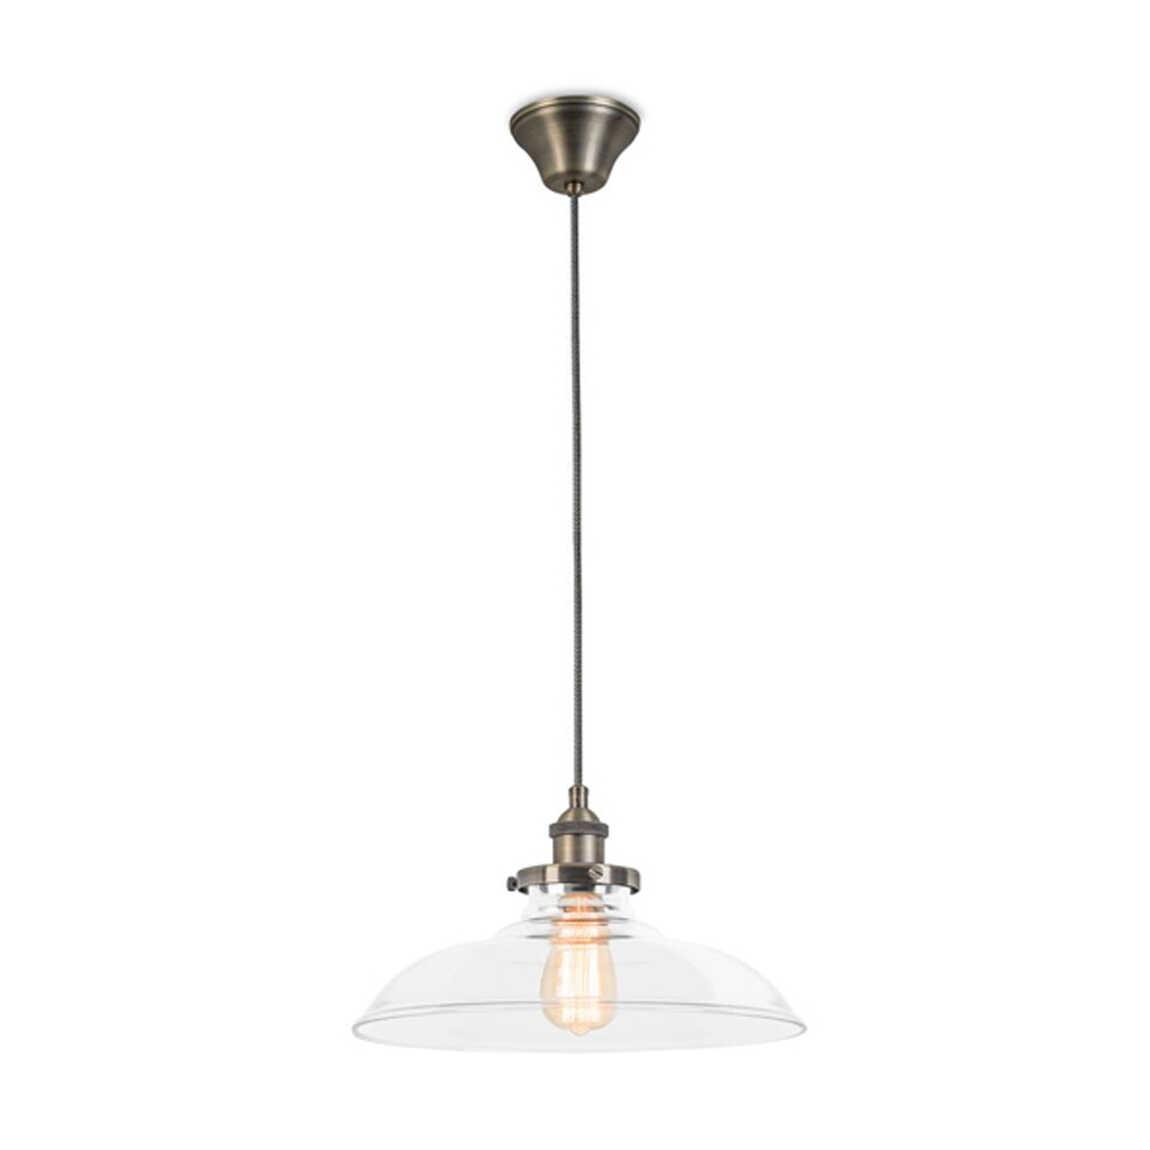 Vintage light pendant full range avaliable at excellent for 100 watt table lamps uk